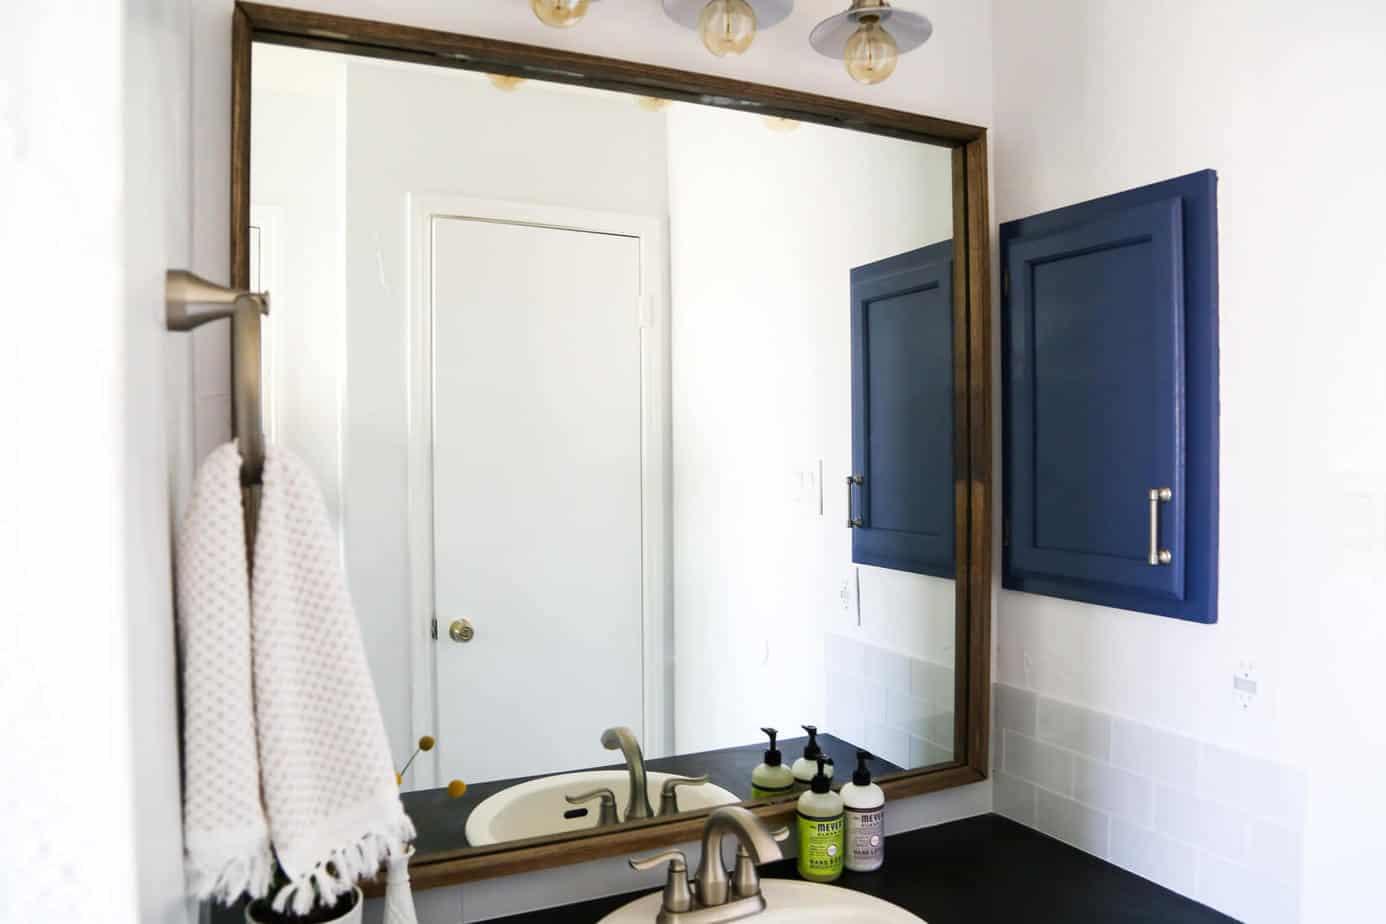 décoration d'intérieure Comment encadrer rapidement et facilement un miroir de salle de bain, pour que votre salle de bain passe du niveau constructeur à la personnalisation!